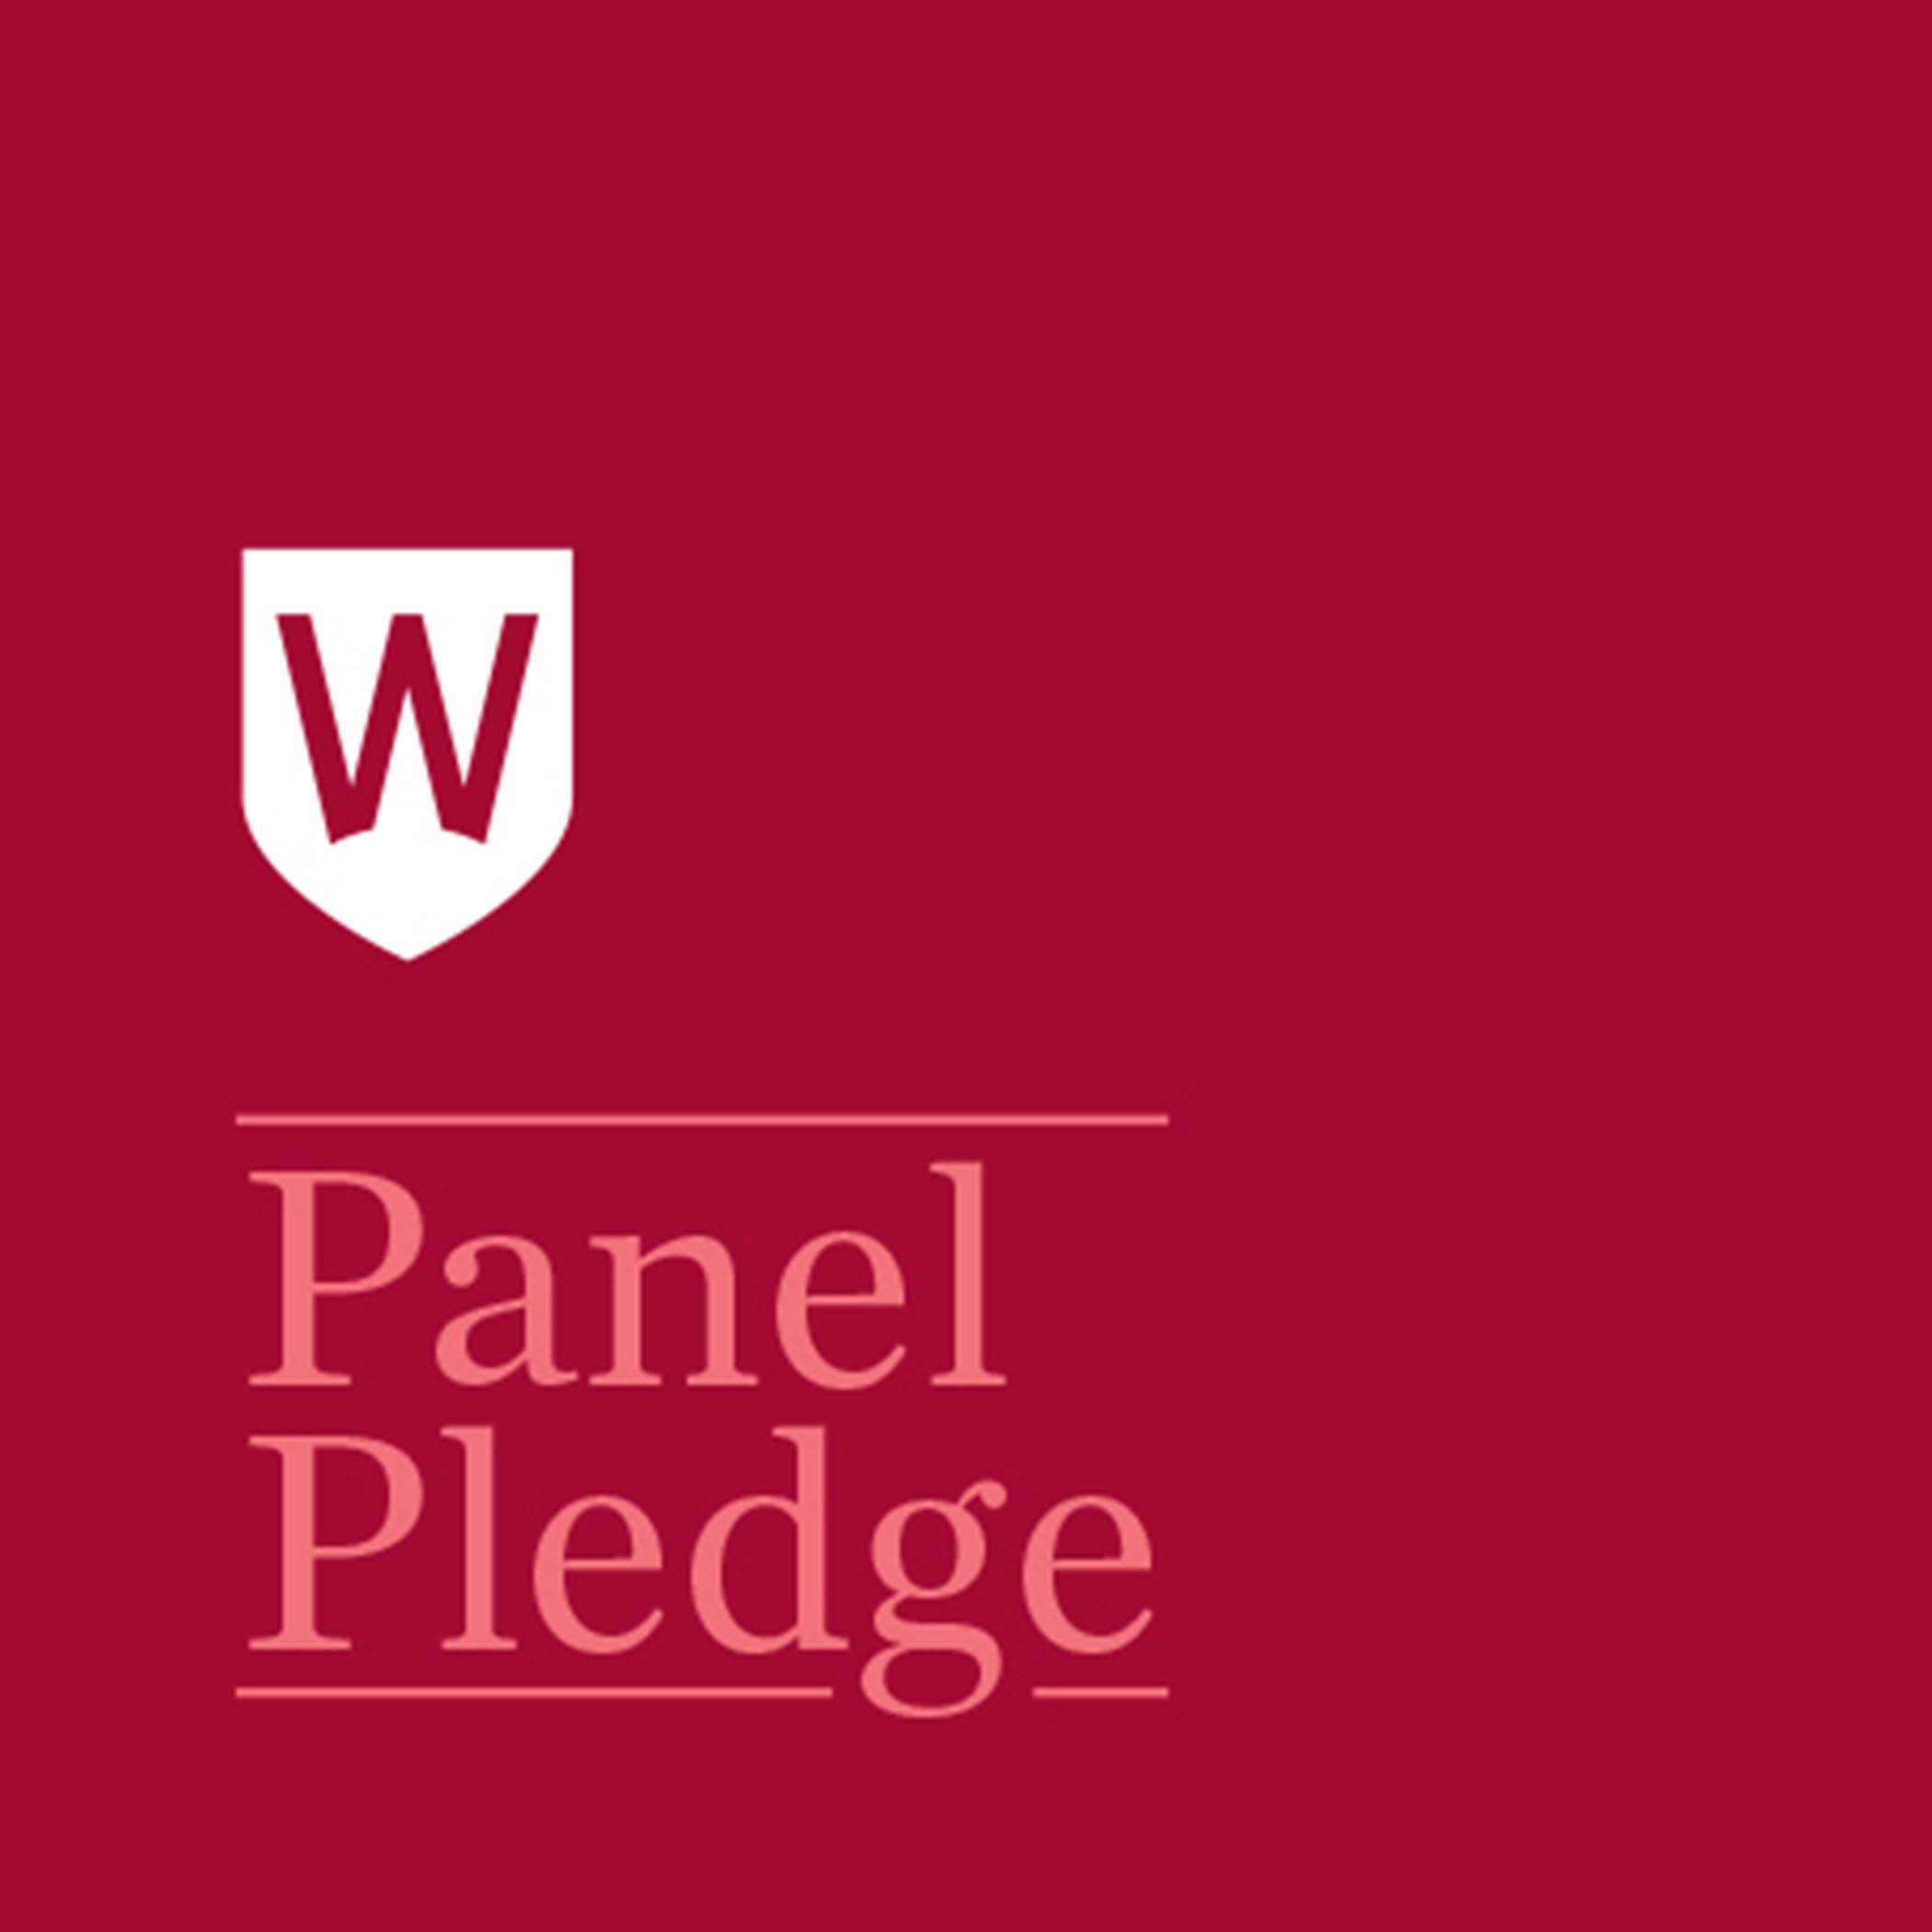 Panel Pledge Square